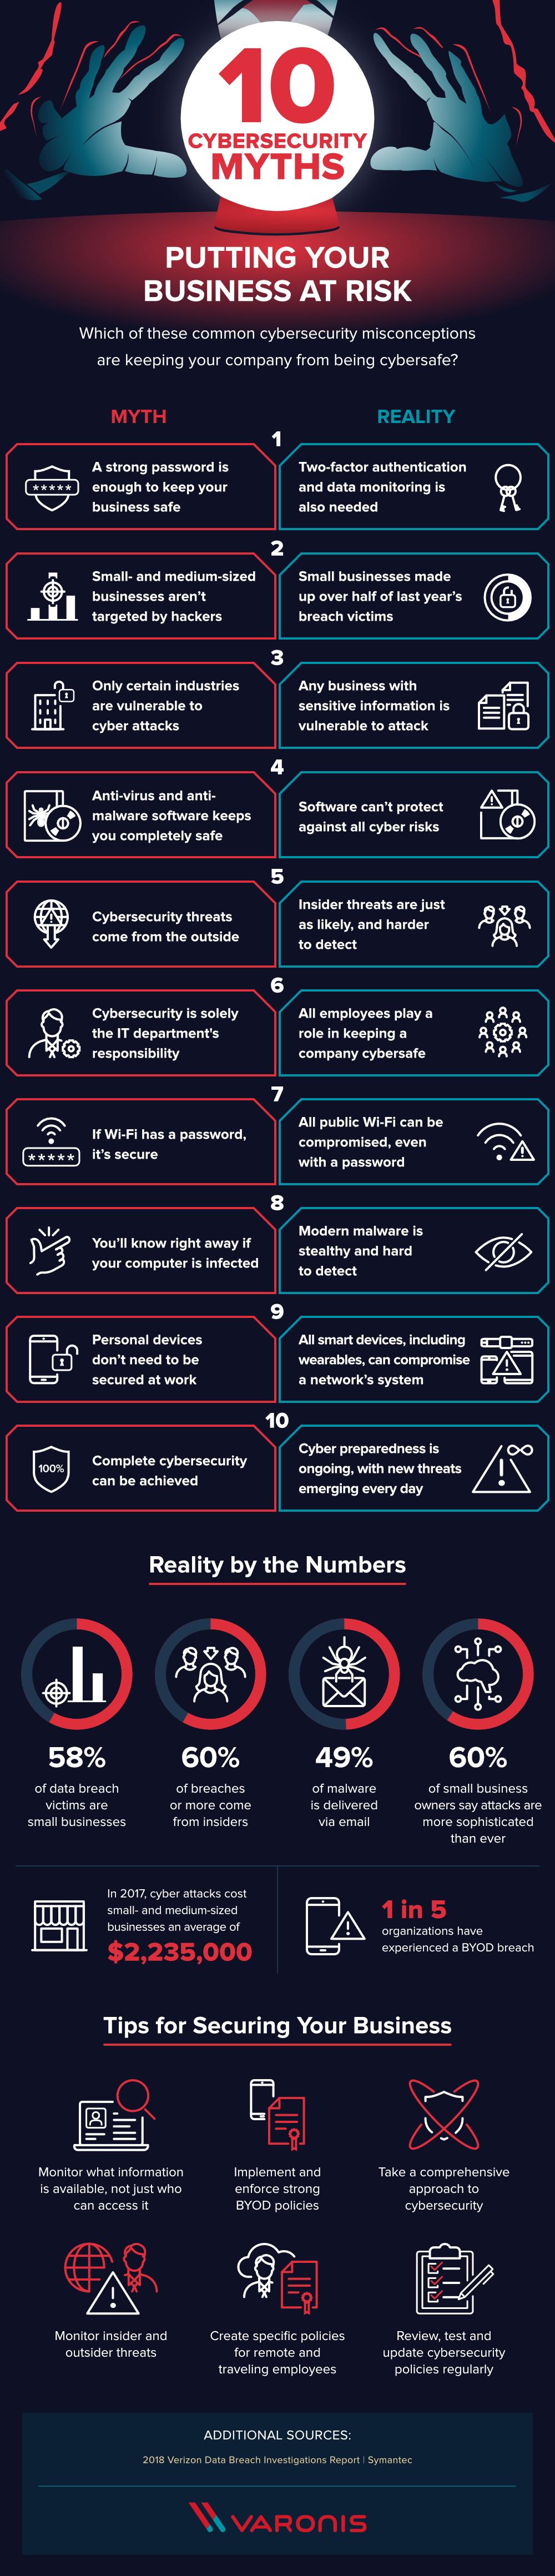 10 mitos sobre la ciberseguridad que podrían poner en riesgo tu negocio